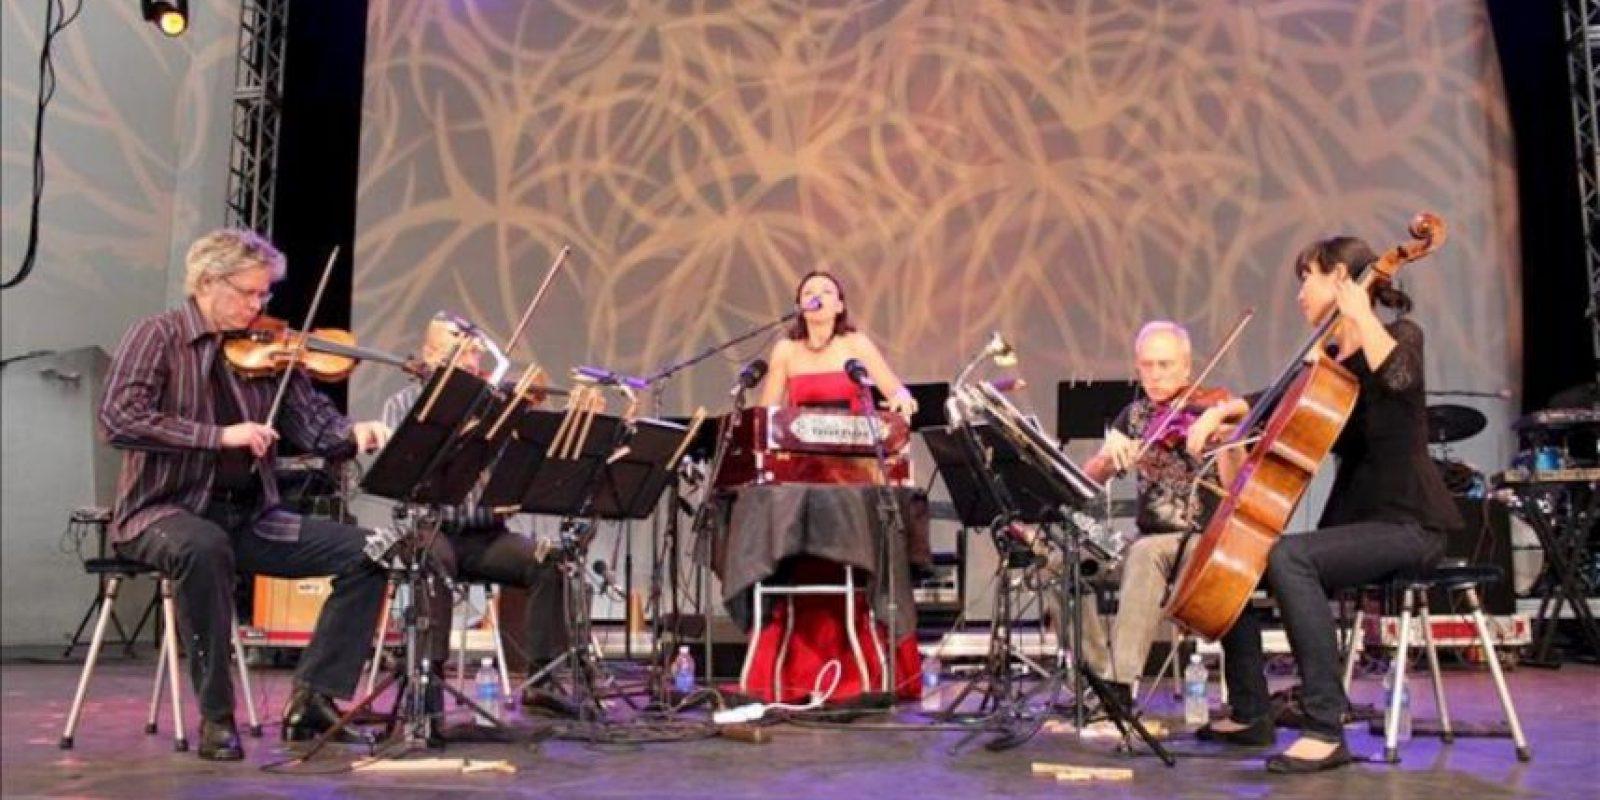 De izda. a dcha., David Harrington, que fundó el Kronos Quartet en Seattle (Washington) en 1973, junto a John Sherba al violin, Hank Durtt a la viola, Sunny Yang en el violonchelo y Mariana Sadovska como solista. EFE